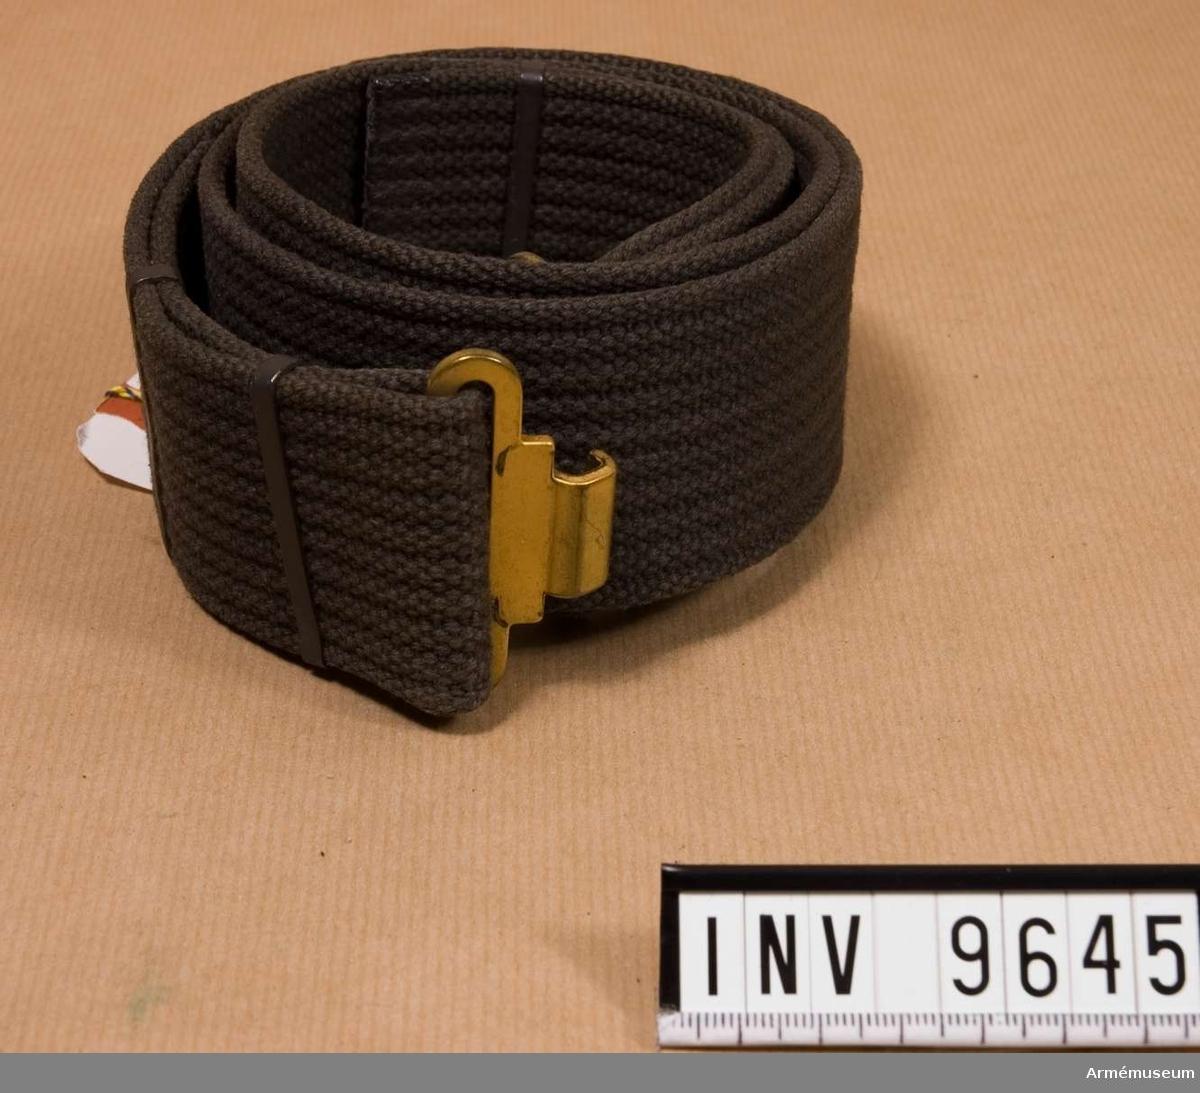 Samhörande nr i gåvan är 9605-9650 + 9659-9666. Av stålgrått bomullscord. Har ett gult, spänne i metall av  hyska och hake. Bärs utanpå dräkten. Numera ingår livremen i stridsselen.